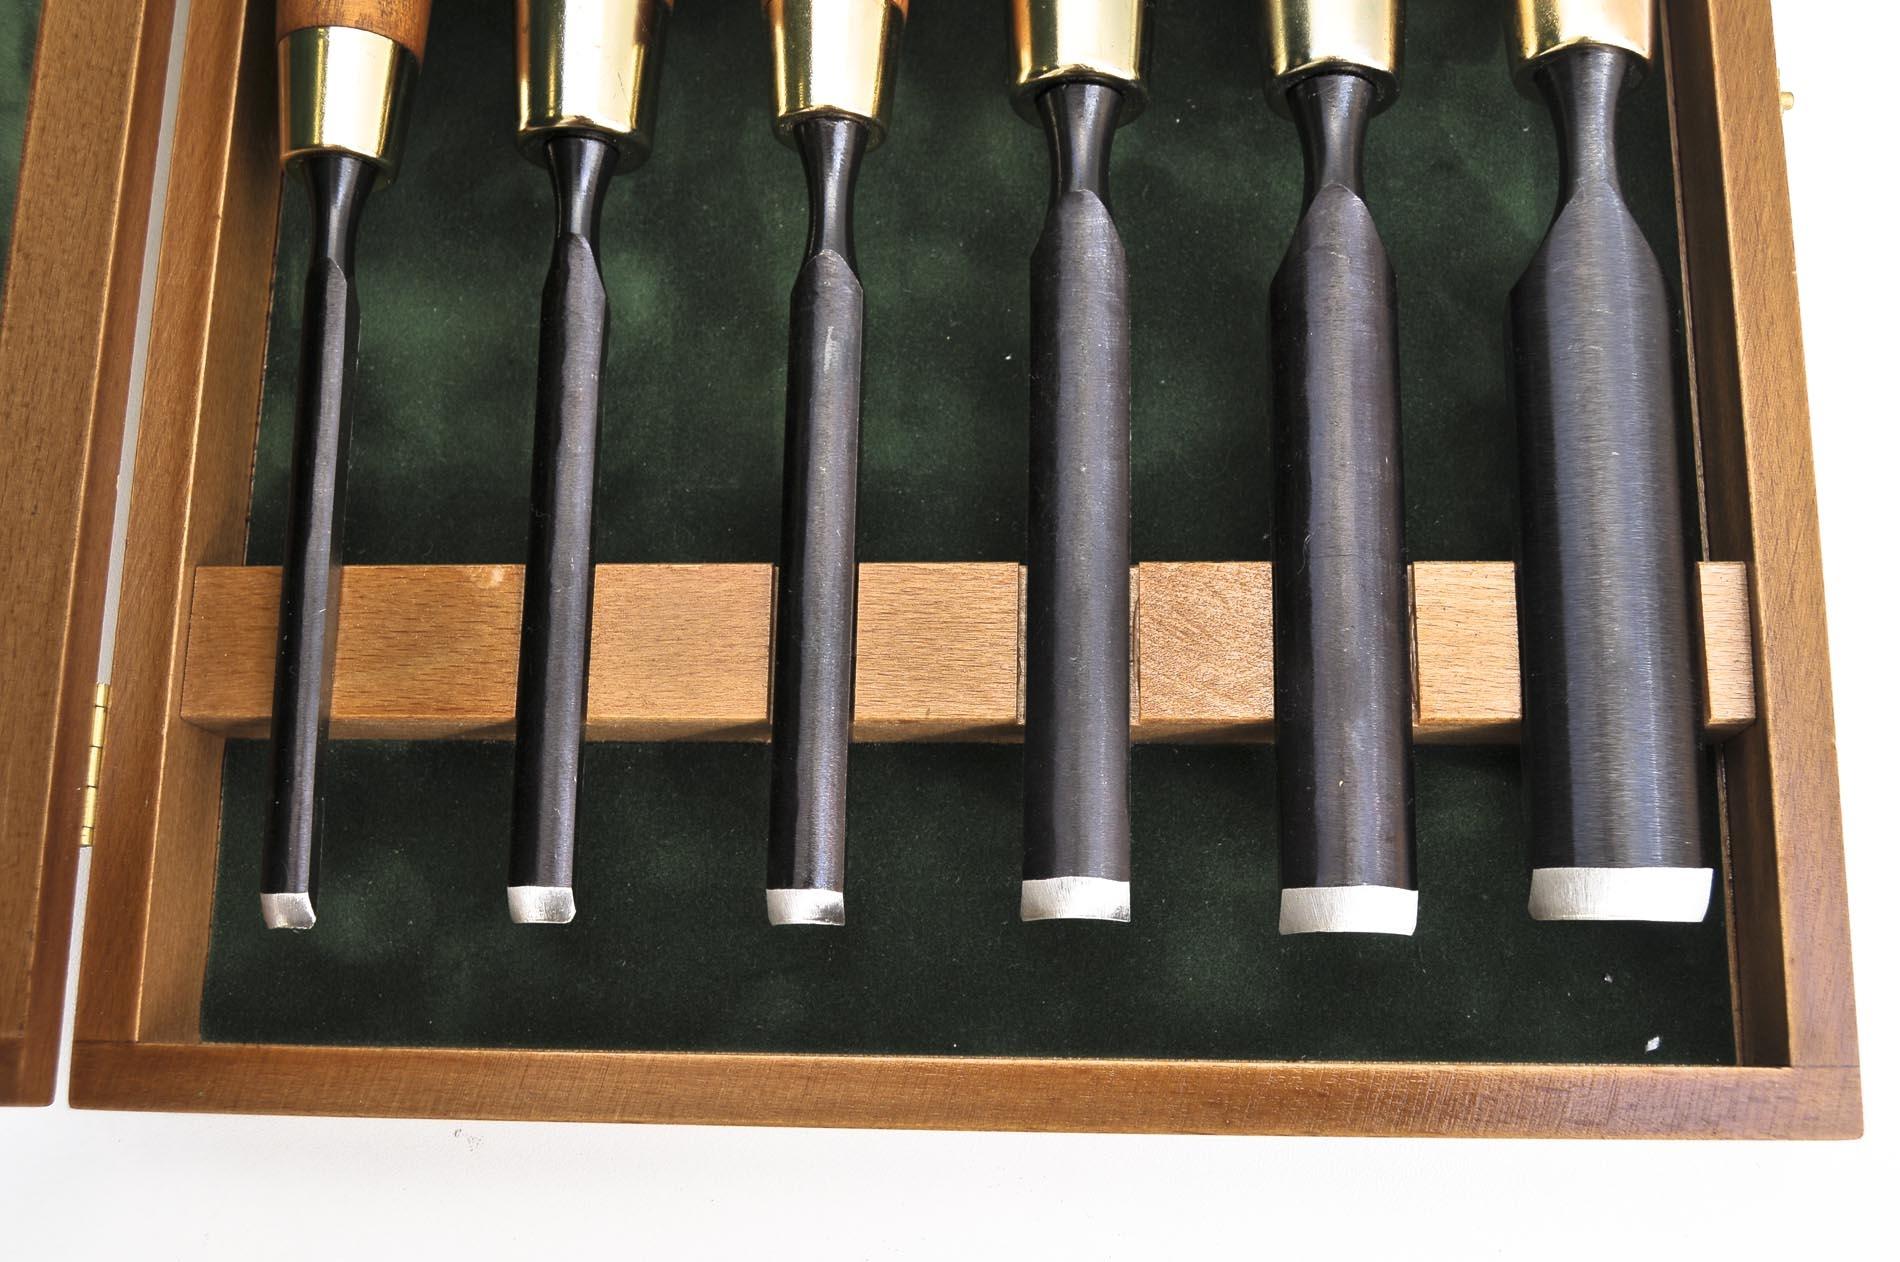 853300-Juego de gubias 6pz FUERTES en caja de madera NAREX 853300-max-4.